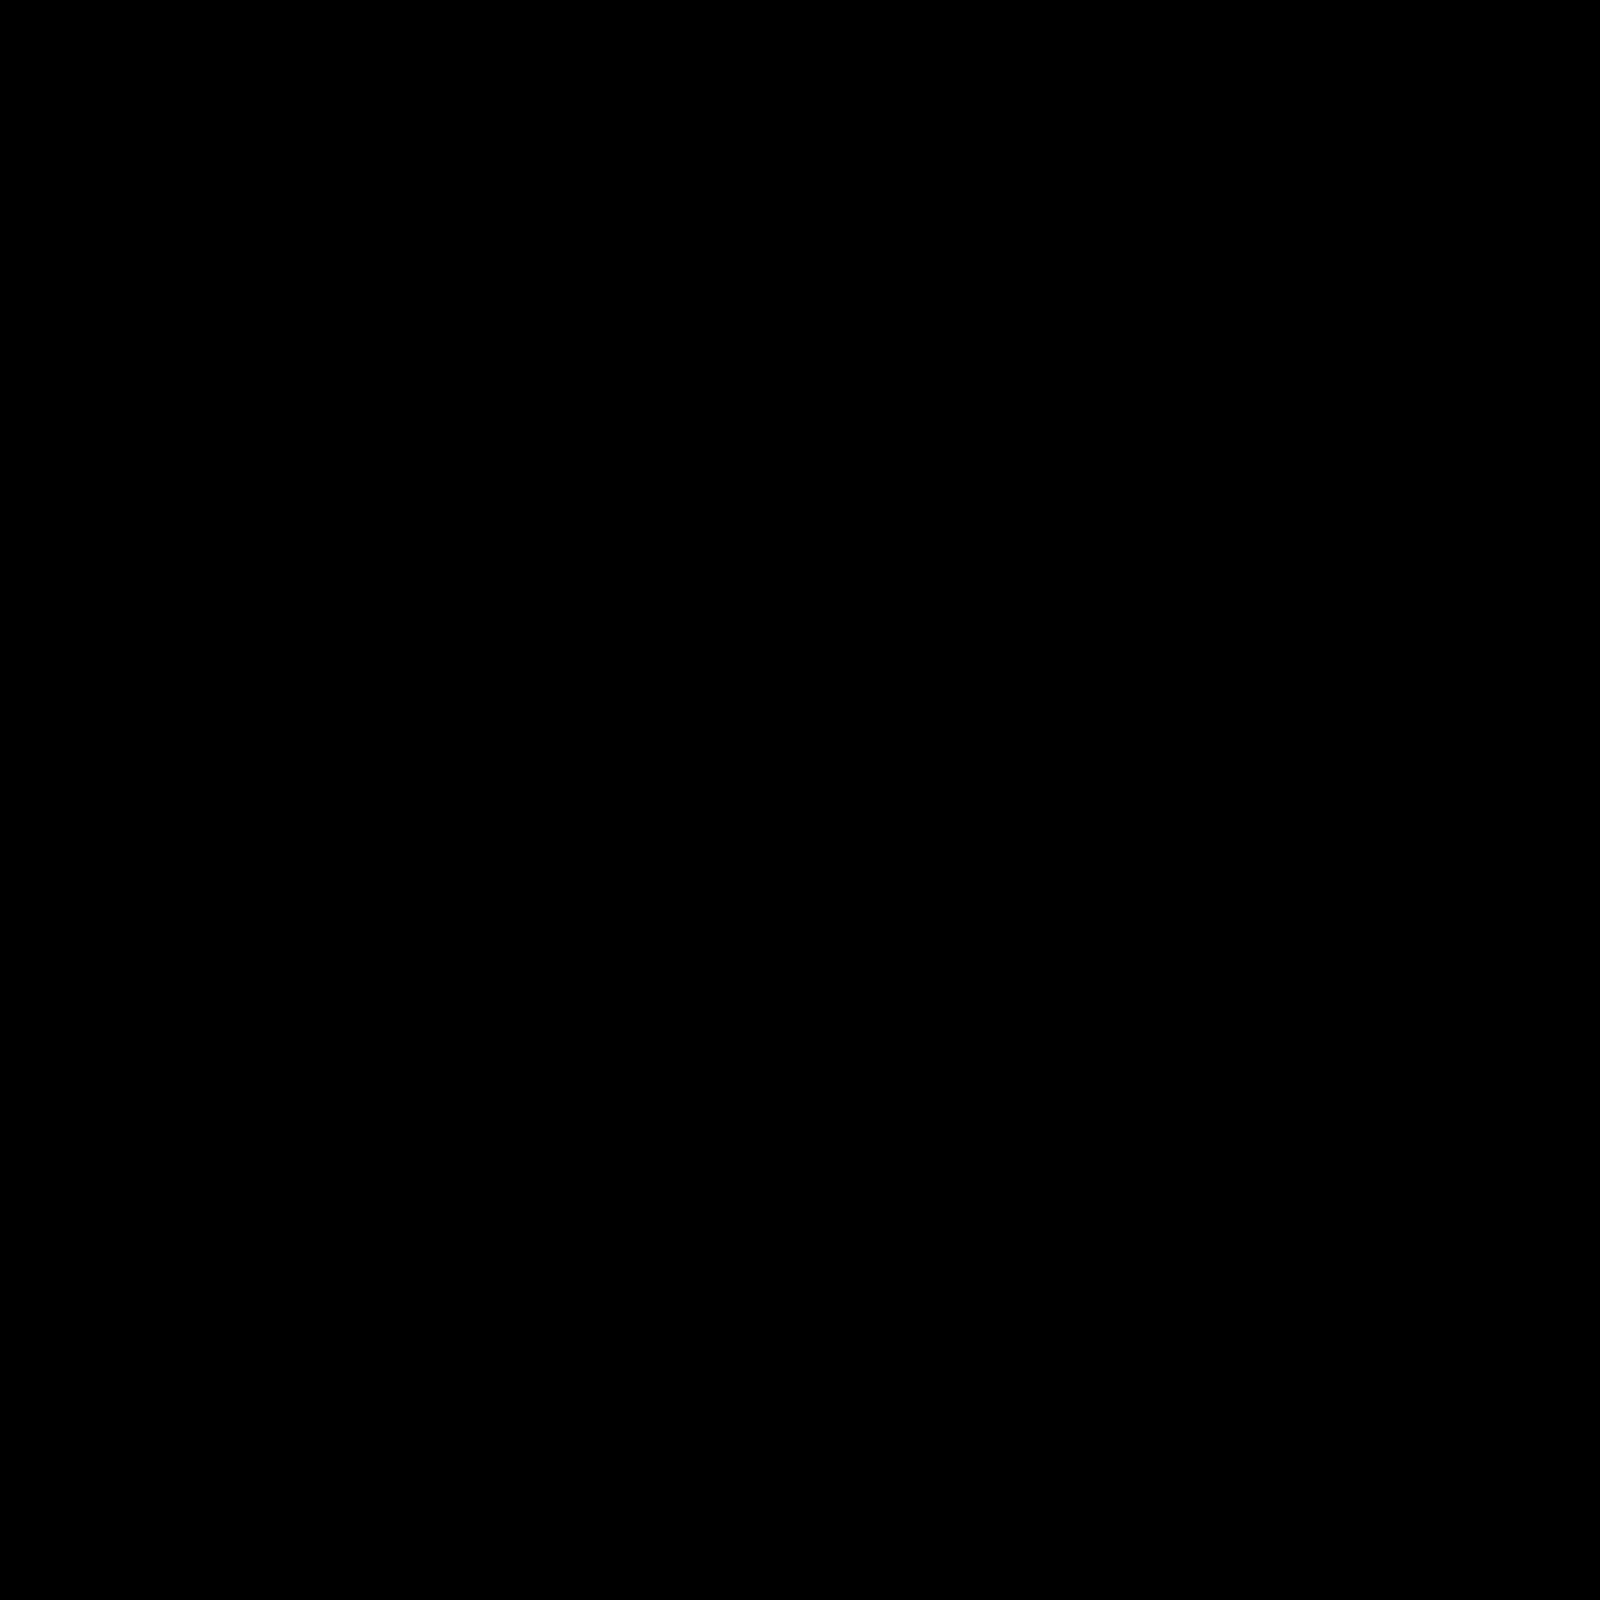 Coupon Icon Vector #273630.